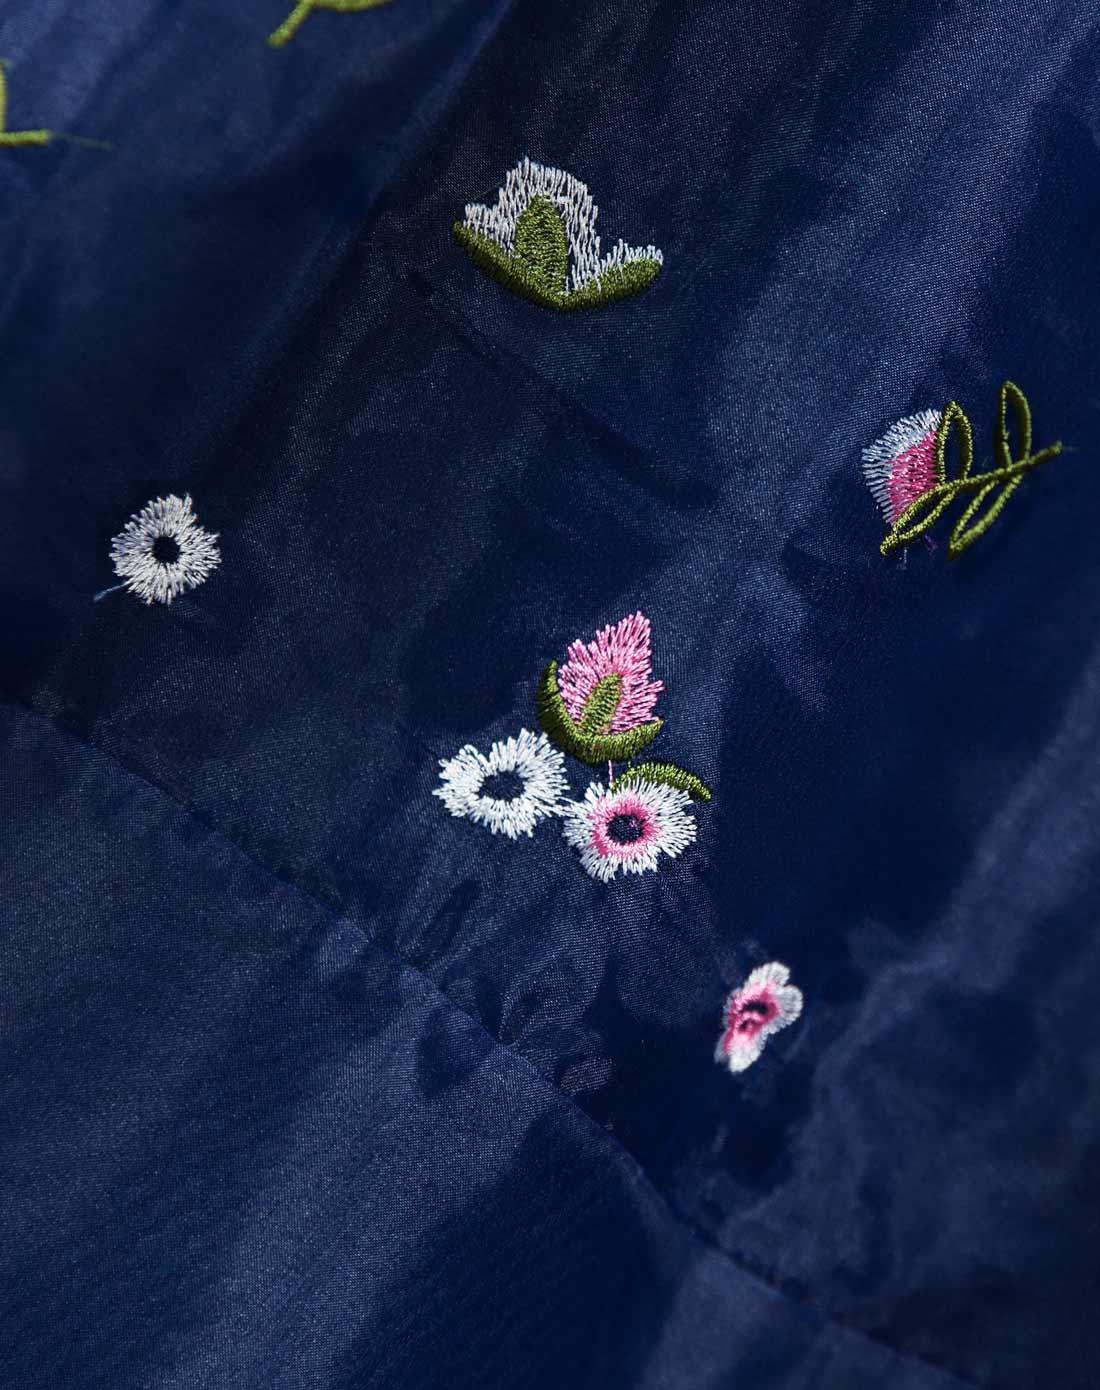 lux蓝色田园风刺绣碎花无袖连衣裙01455bl01